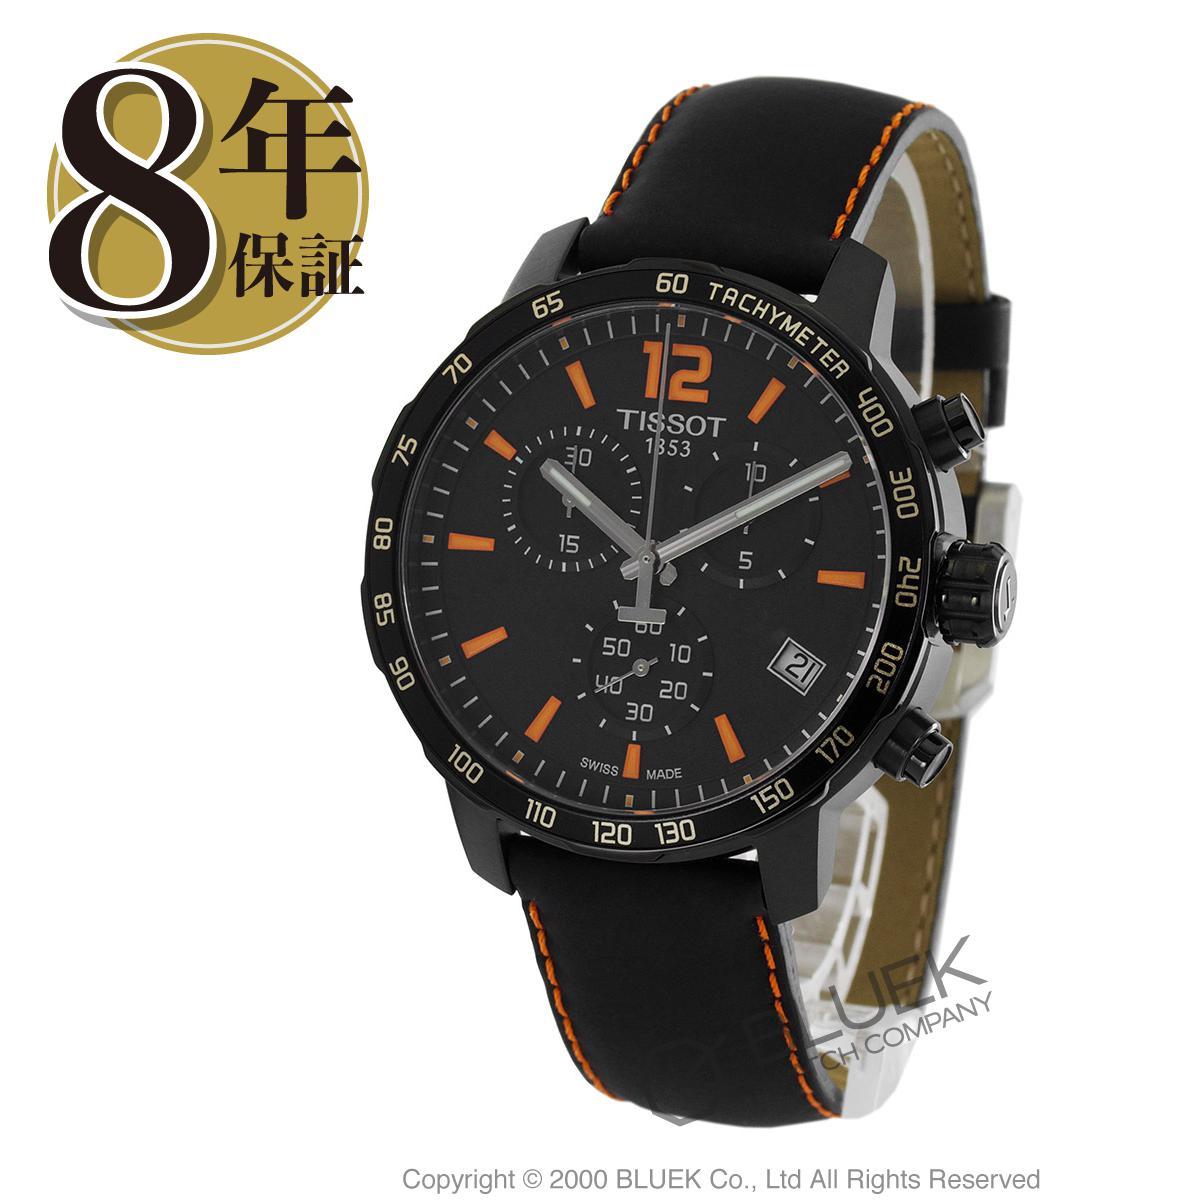 ティソ T-スポーツ クイックスター クロノグラフ 腕時計 メンズ TISSOT T095.417.36.057.00_8